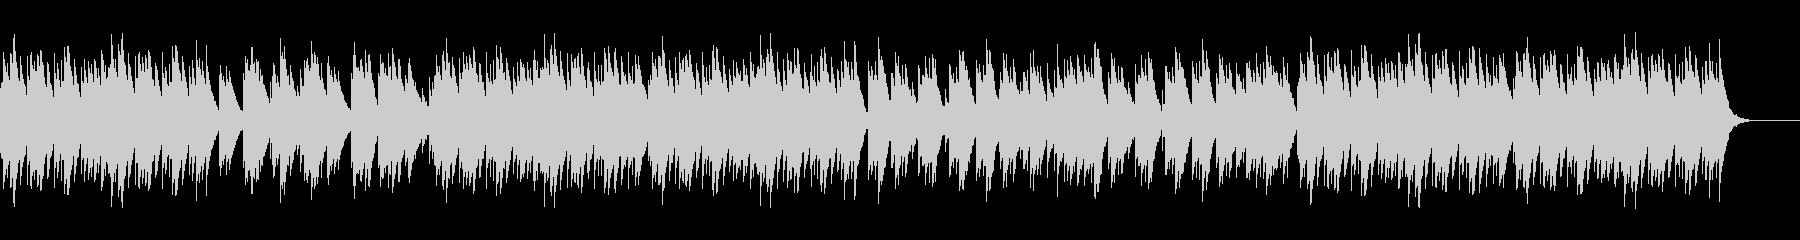 切ない旋律が印象的なオルゴールの未再生の波形